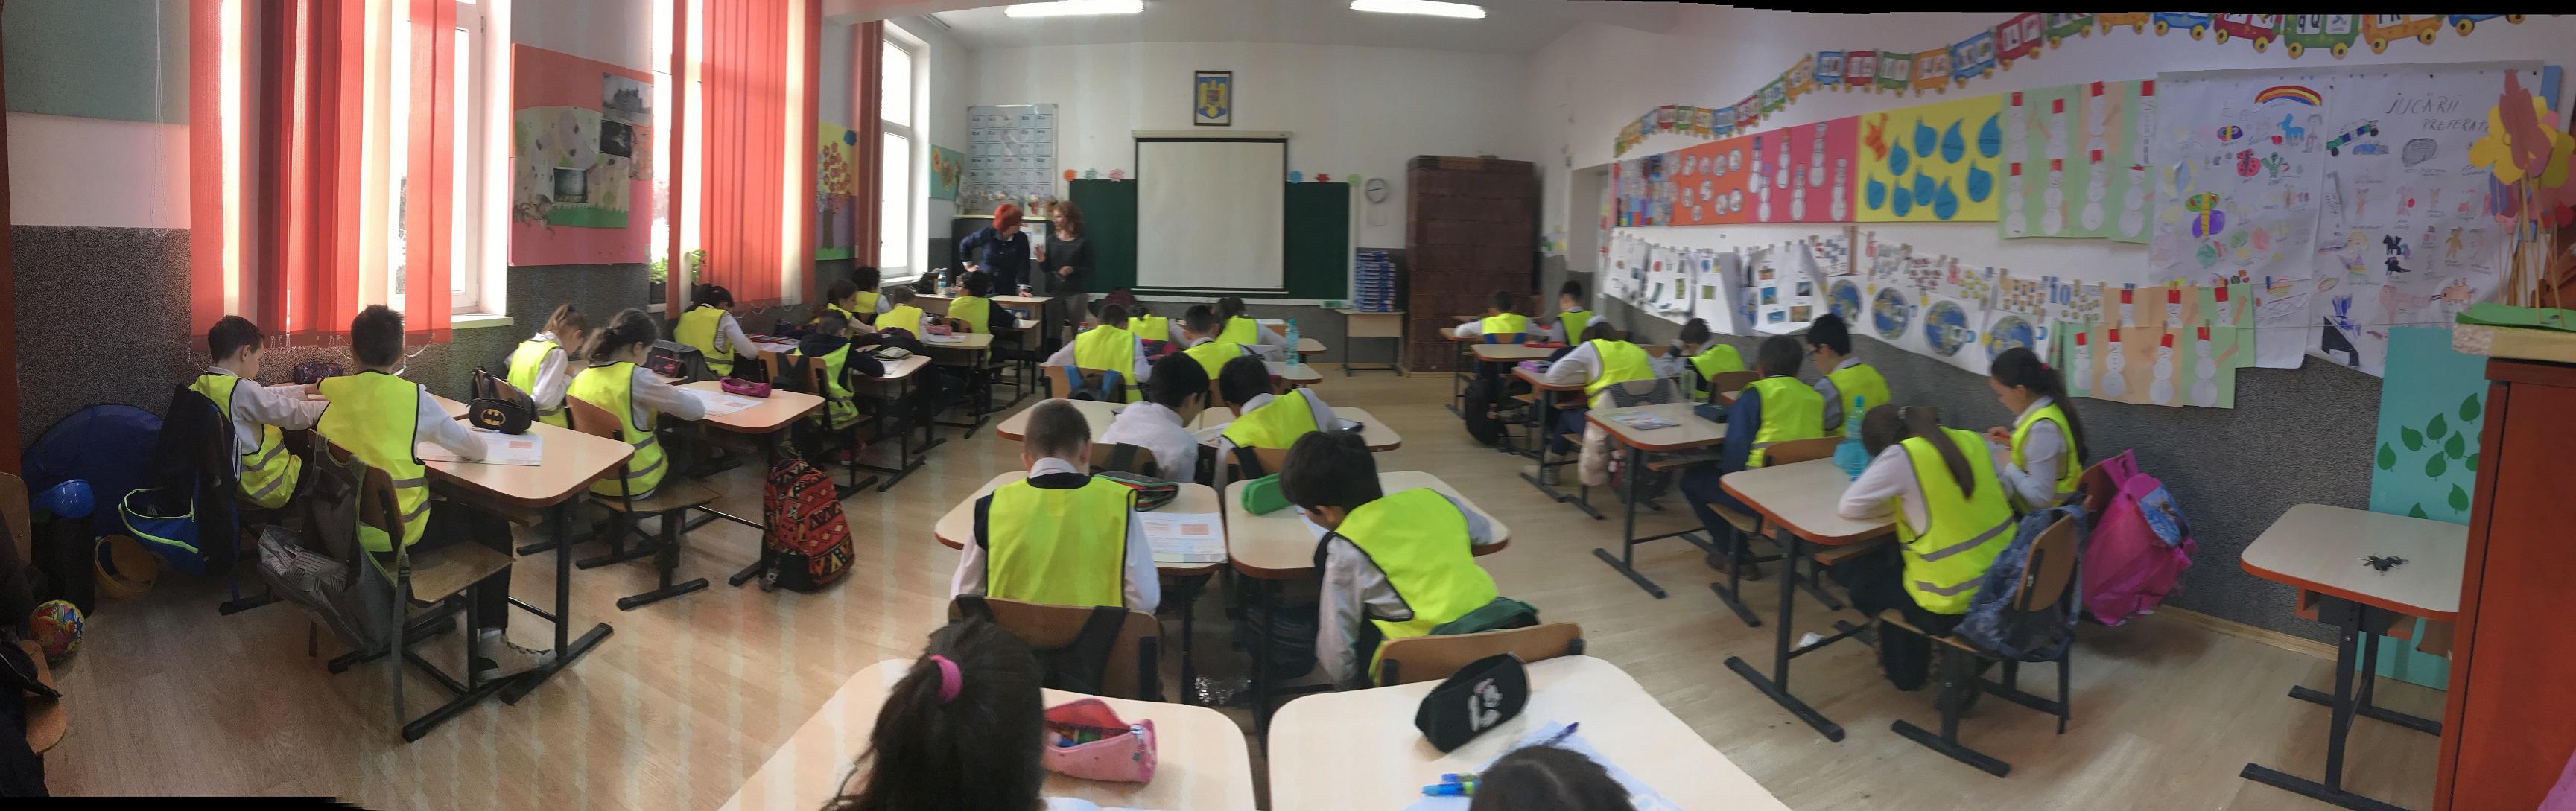 """665 de elevi din șapte județe au studiat gratuit educație rutieră la clasă prin programul """"Drum sigur – ABCdar rutier"""""""